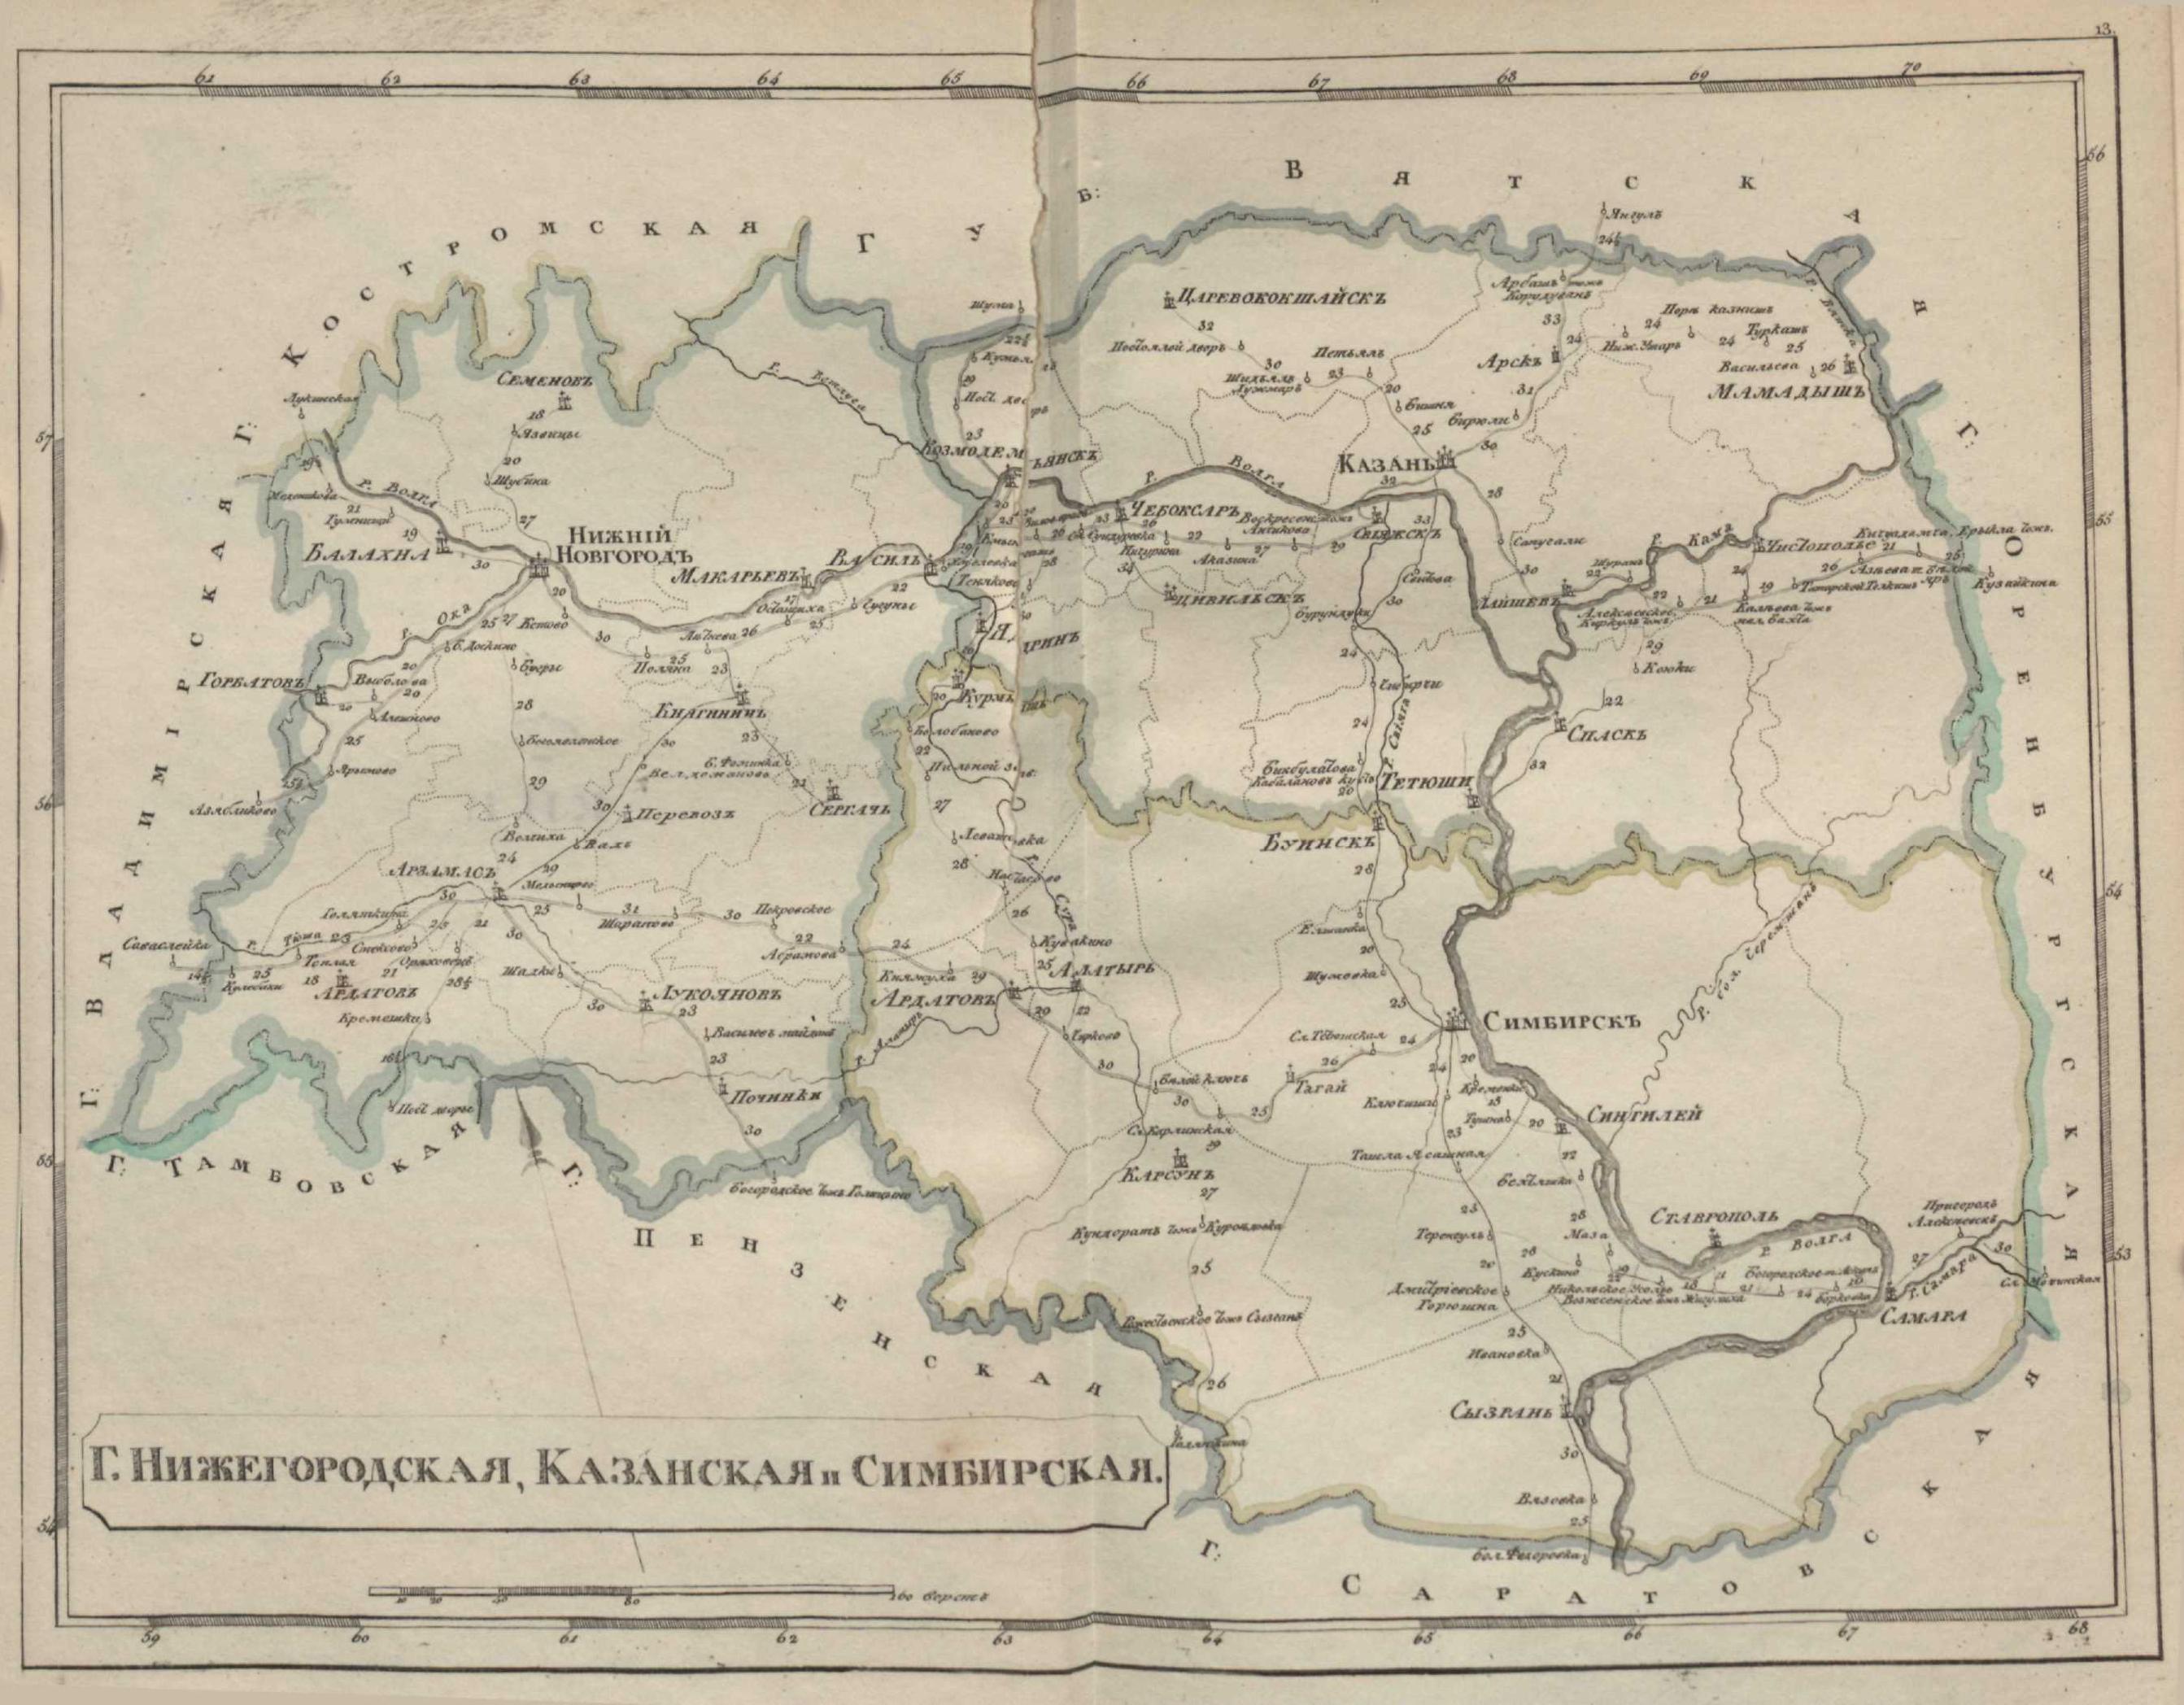 Нижегородская, Казанская и Симбирская губернии